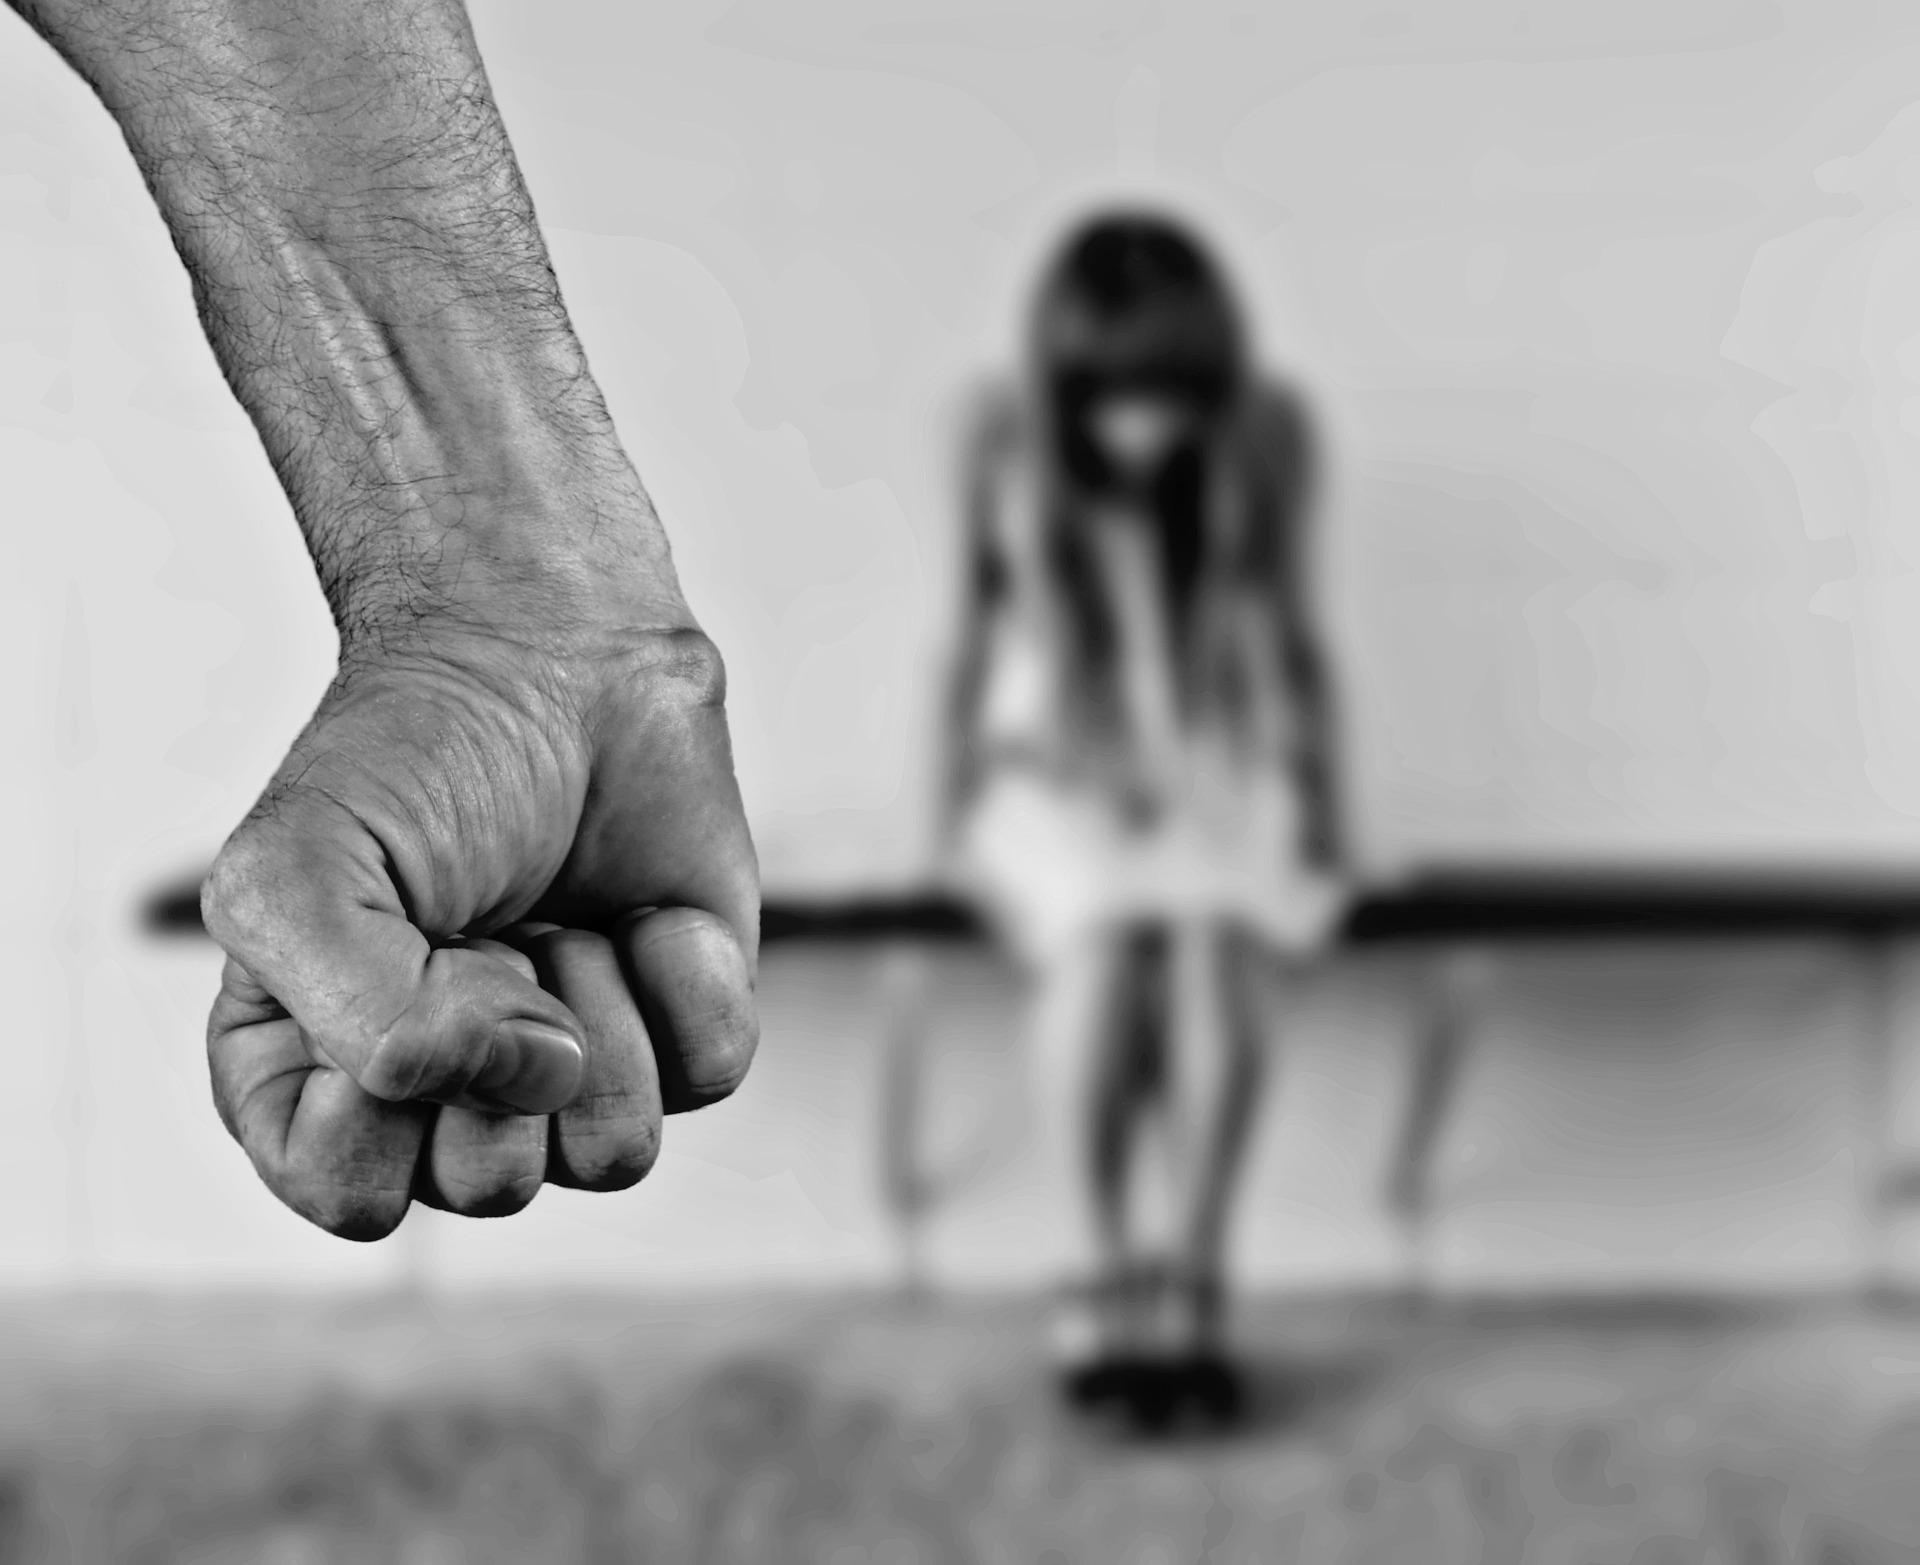 individu menaçant poing serré face à une personne